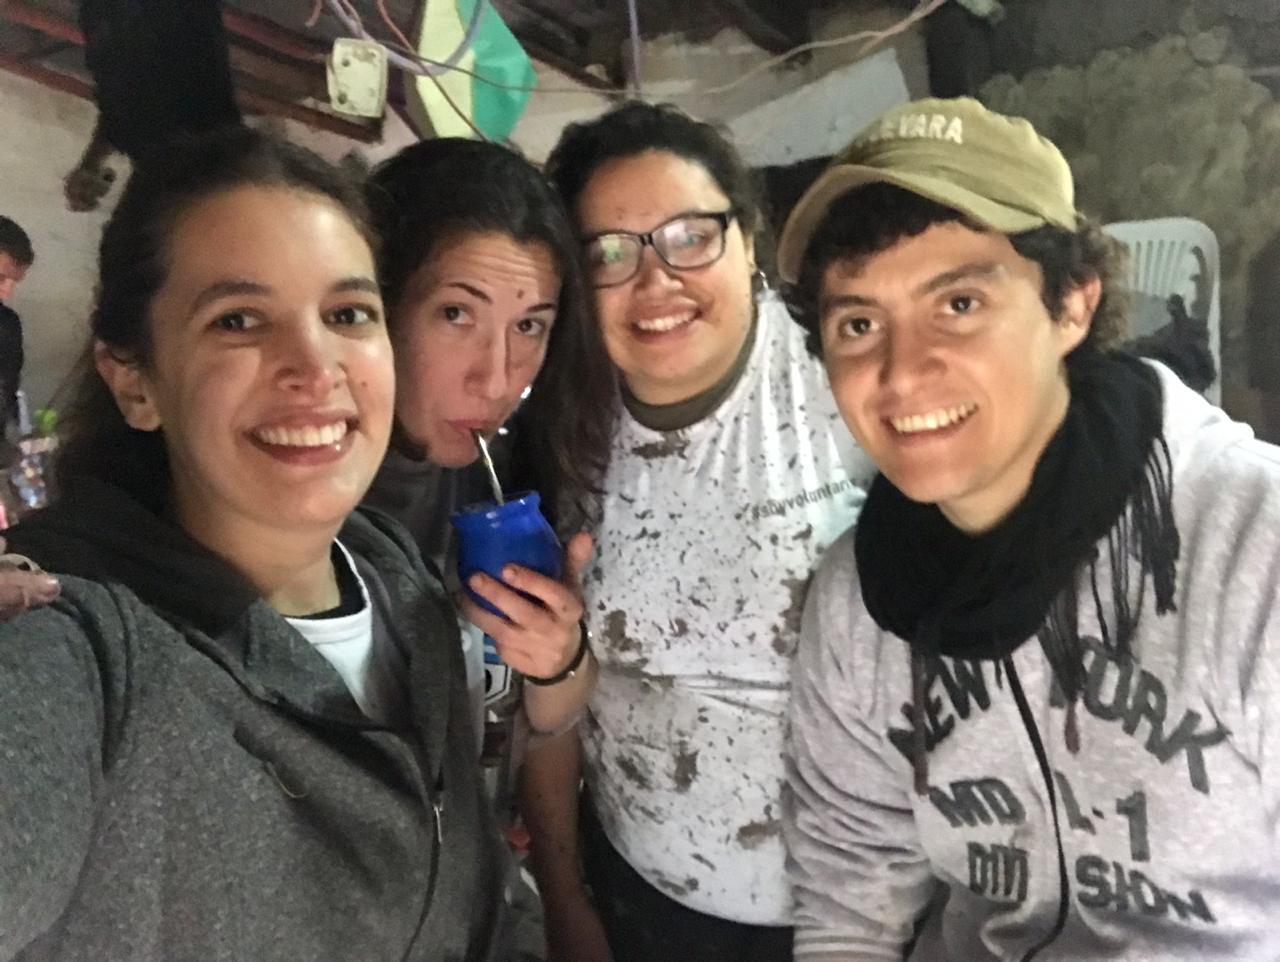 Viaje de voluntariado a SANTA FE junto a la Campaña #IVS4ClimateJustice